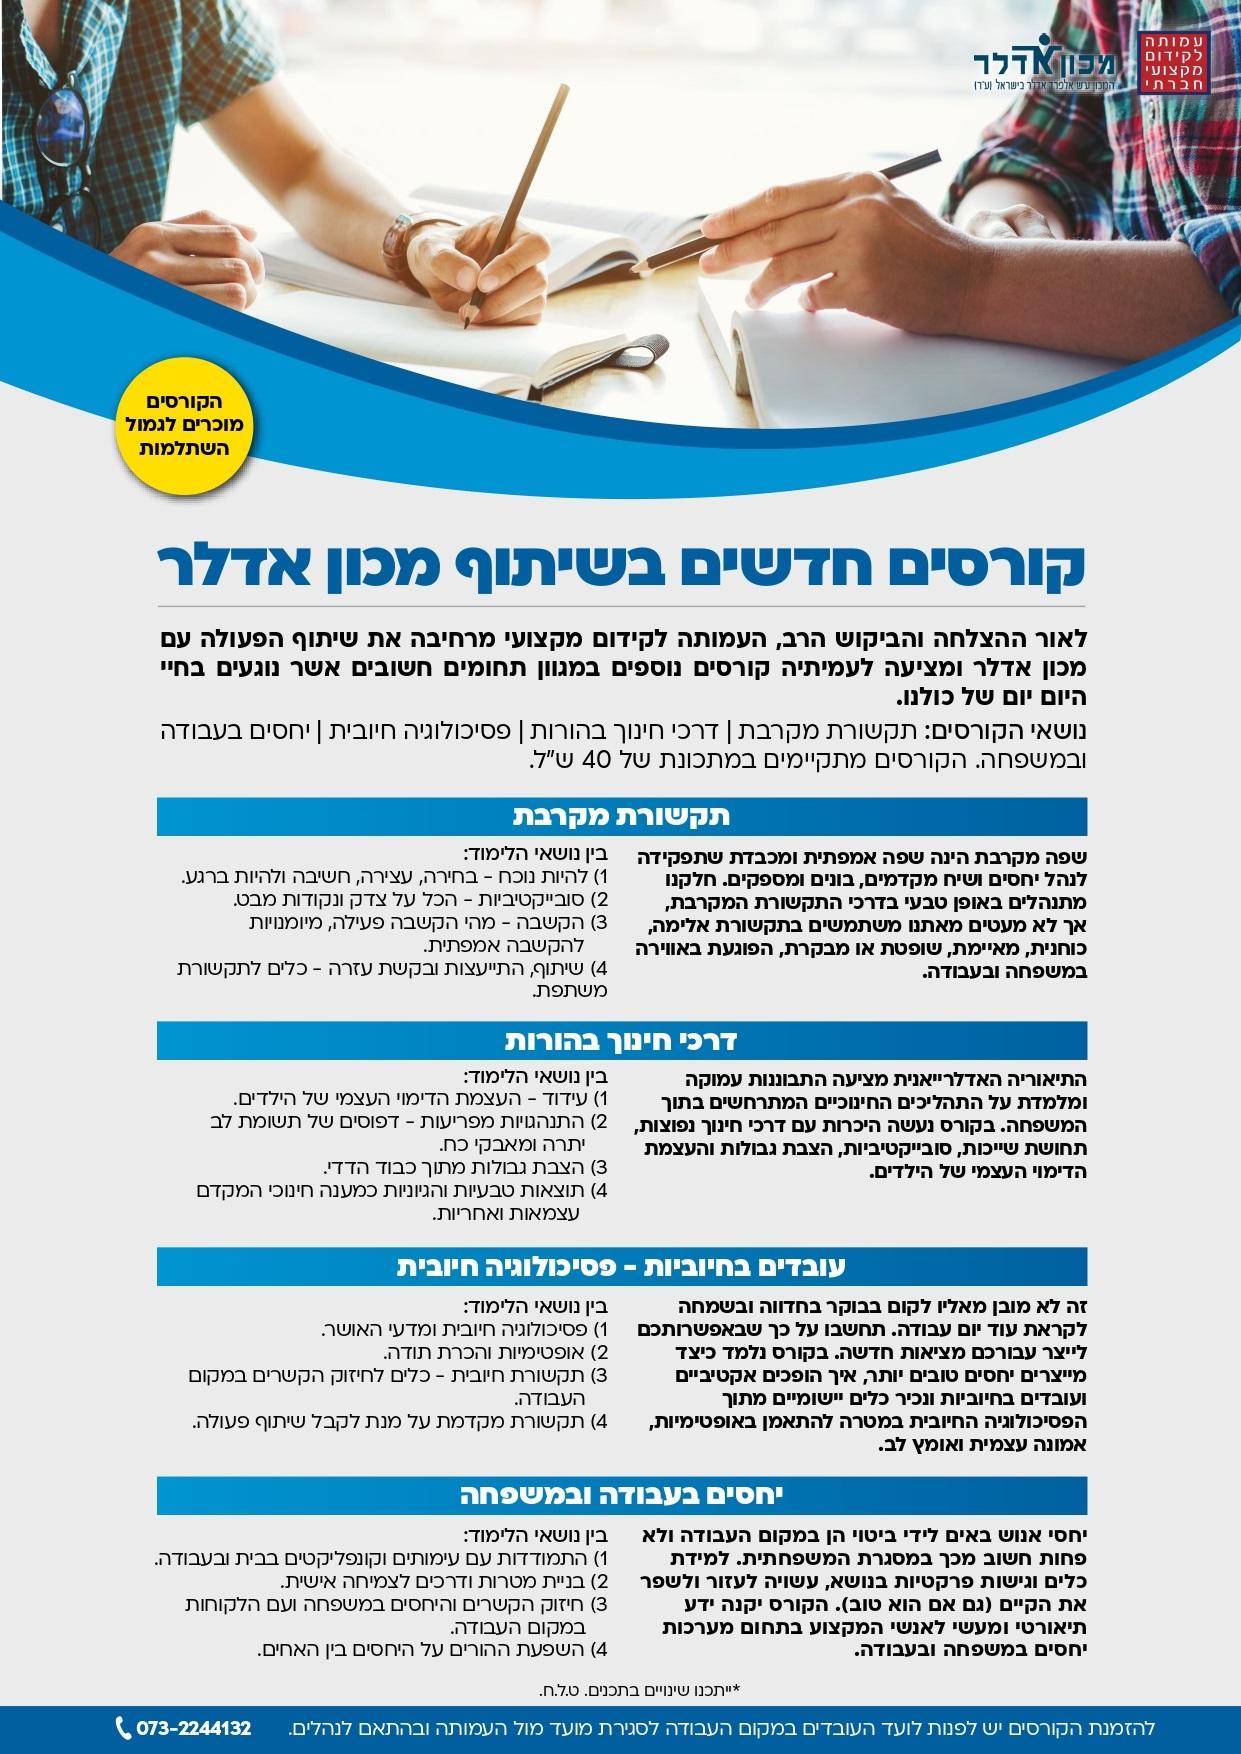 קורסים בשיתוף מכון אדלר - העמותה לקידום מקצועי וחברתי